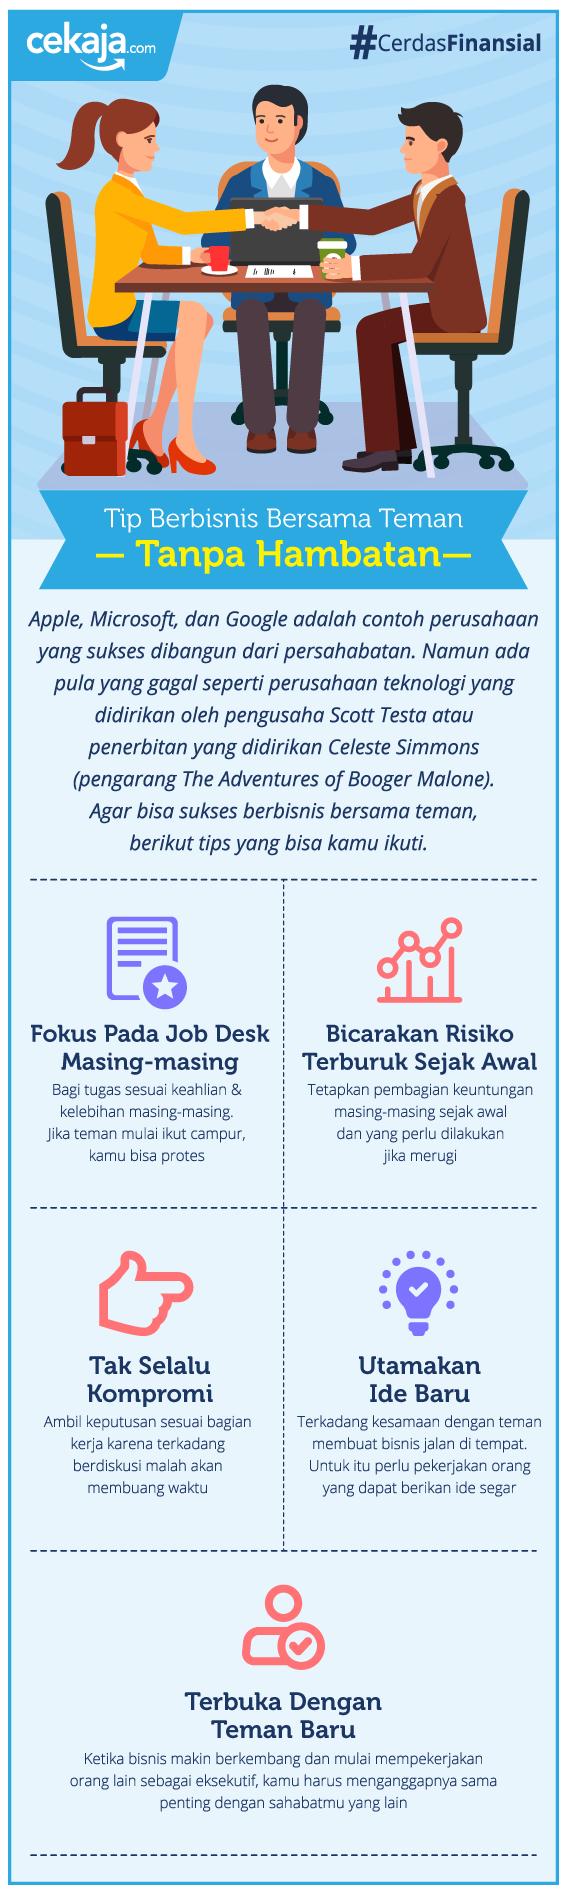 infografis-tips berbisnis dengan teman - CekAja.com